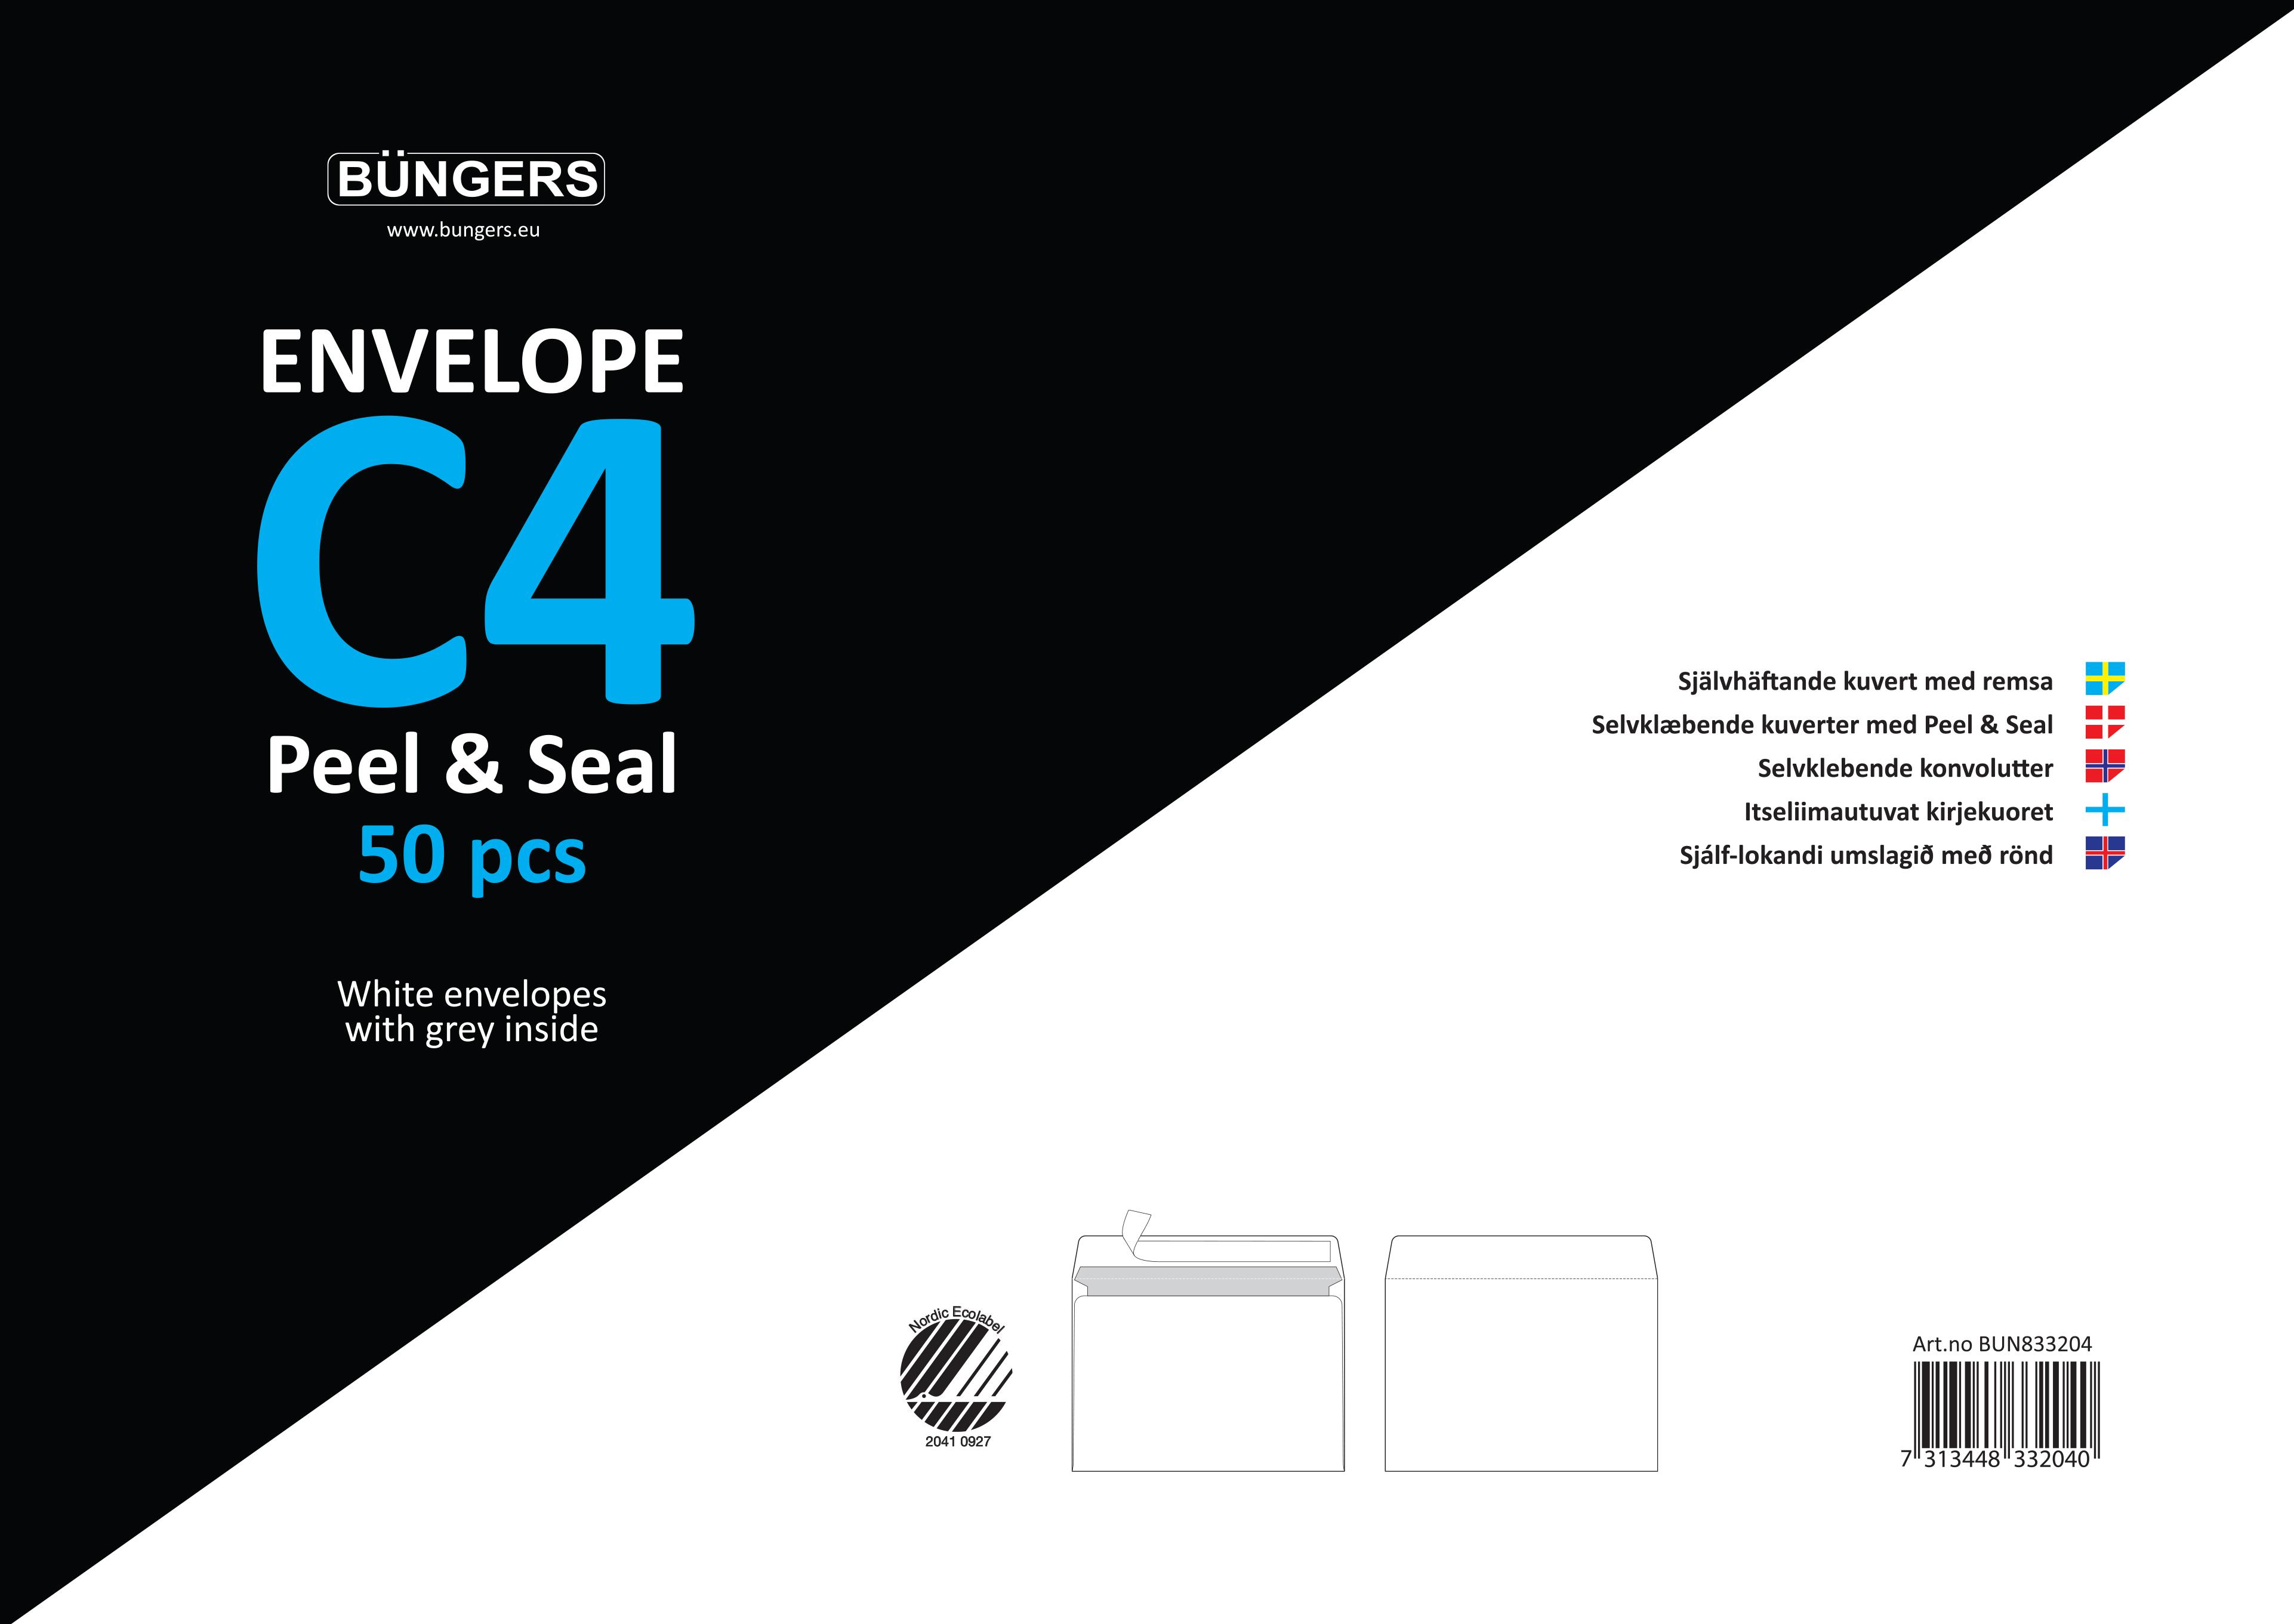 Büngers Konvolutt Consumerpack C4 P&S hvit (50/forpakning)